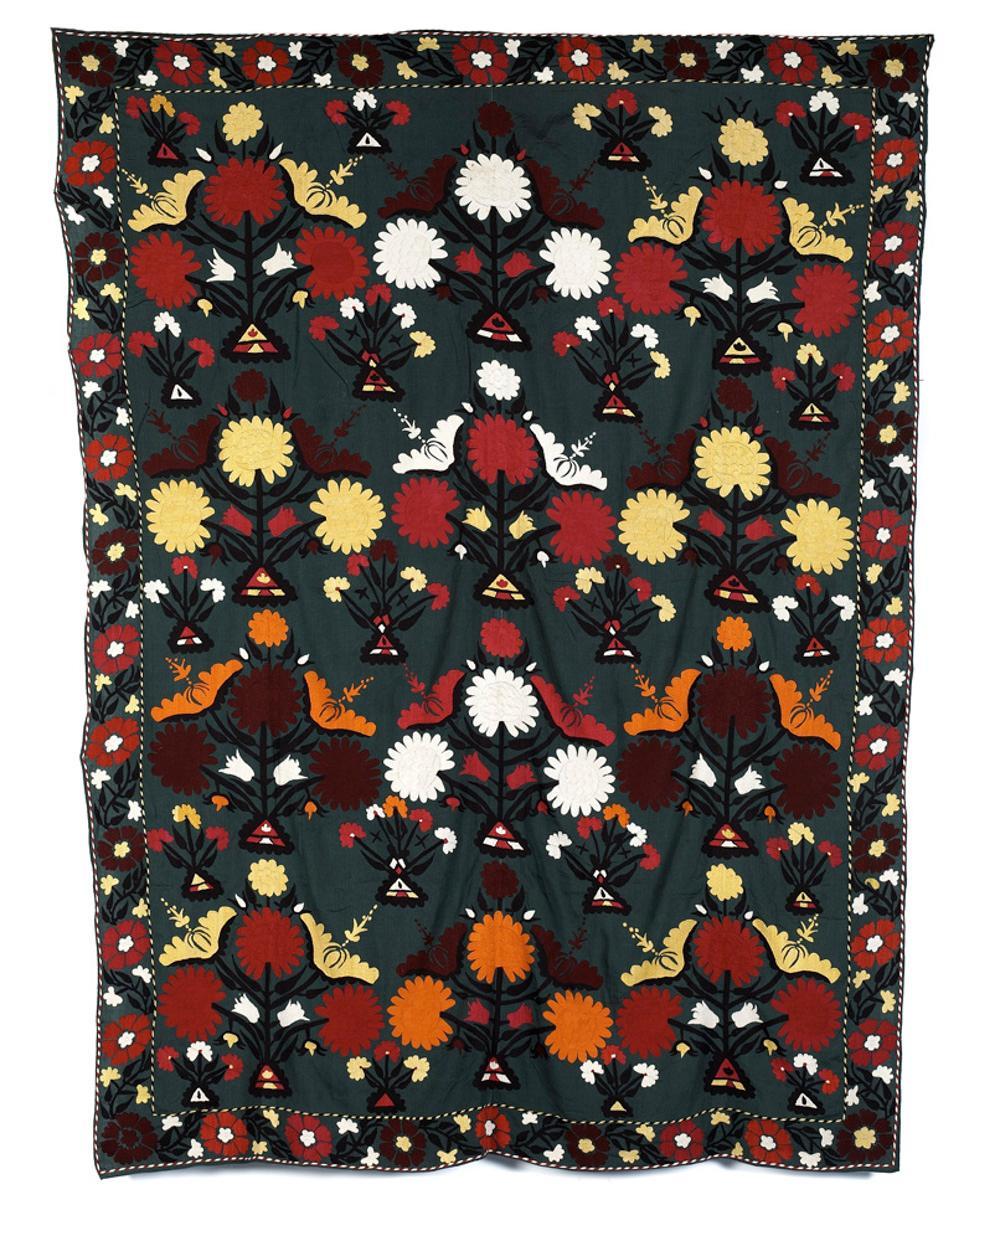 Bordado, Ásia central, 218 x 167